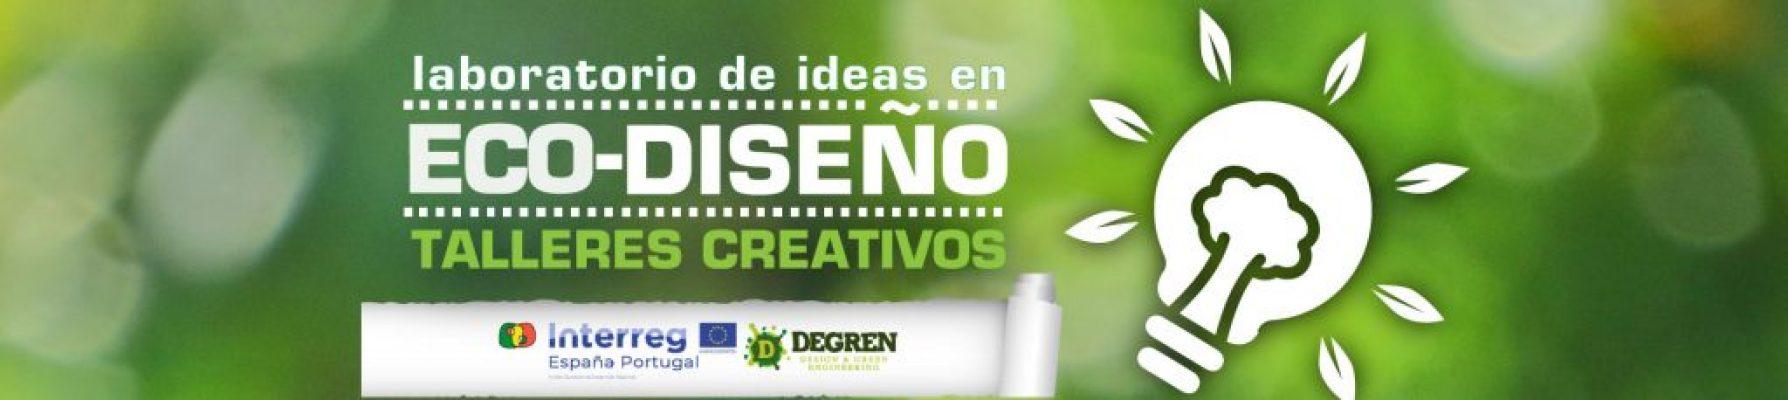 talleres creativos web